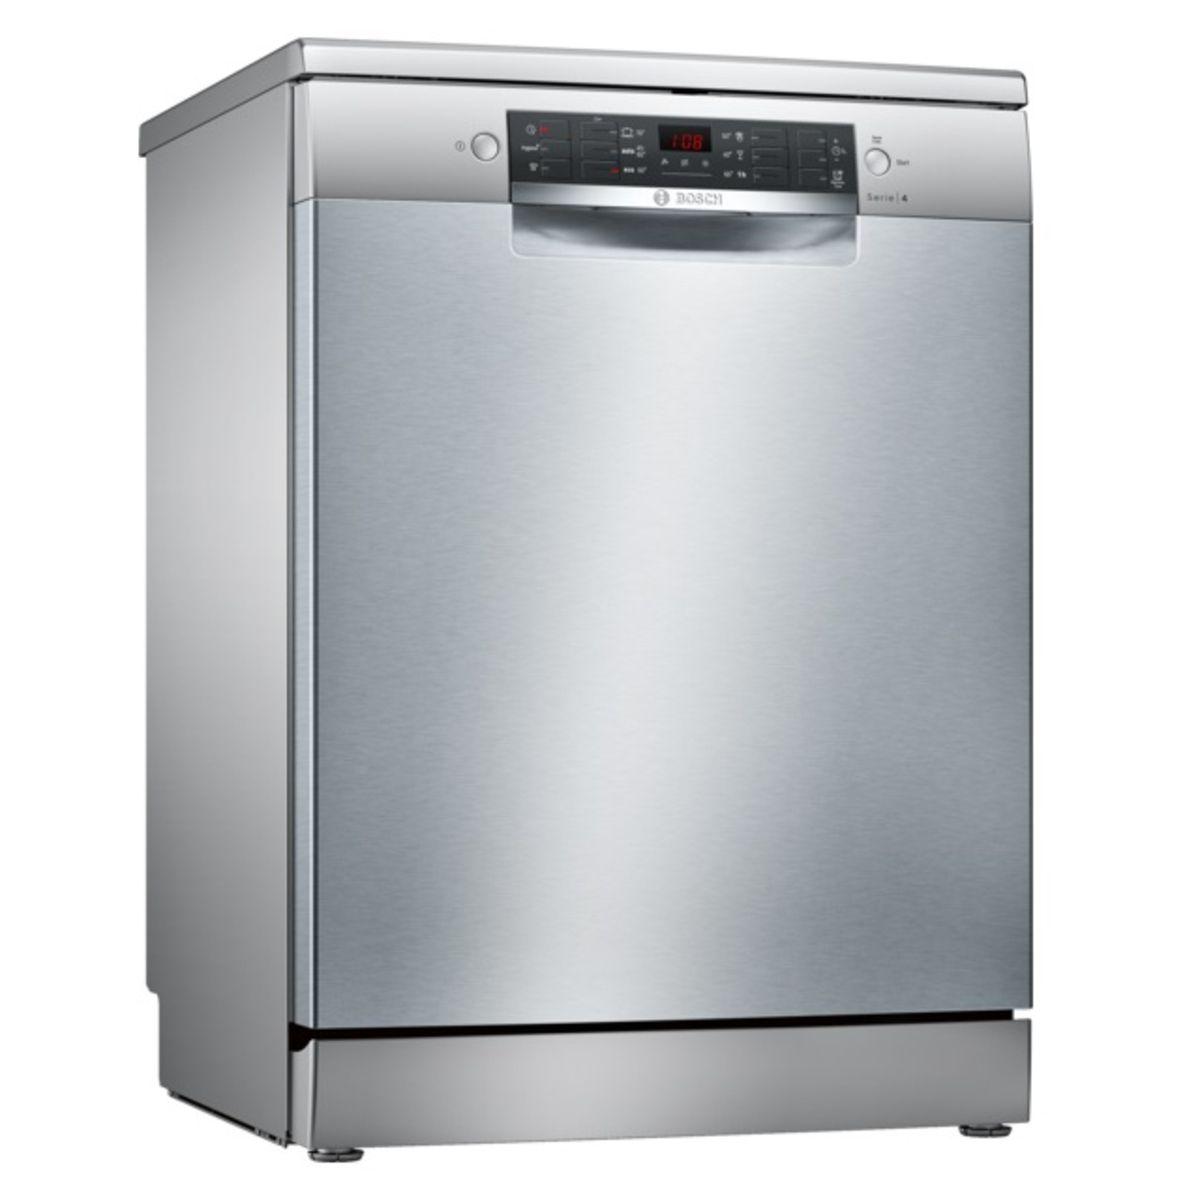 Lave-vaisselle Pose libre SilencePlus SMS46AI01E, 12 Couverts, 60 cm, 46 dB, 6 Programmes